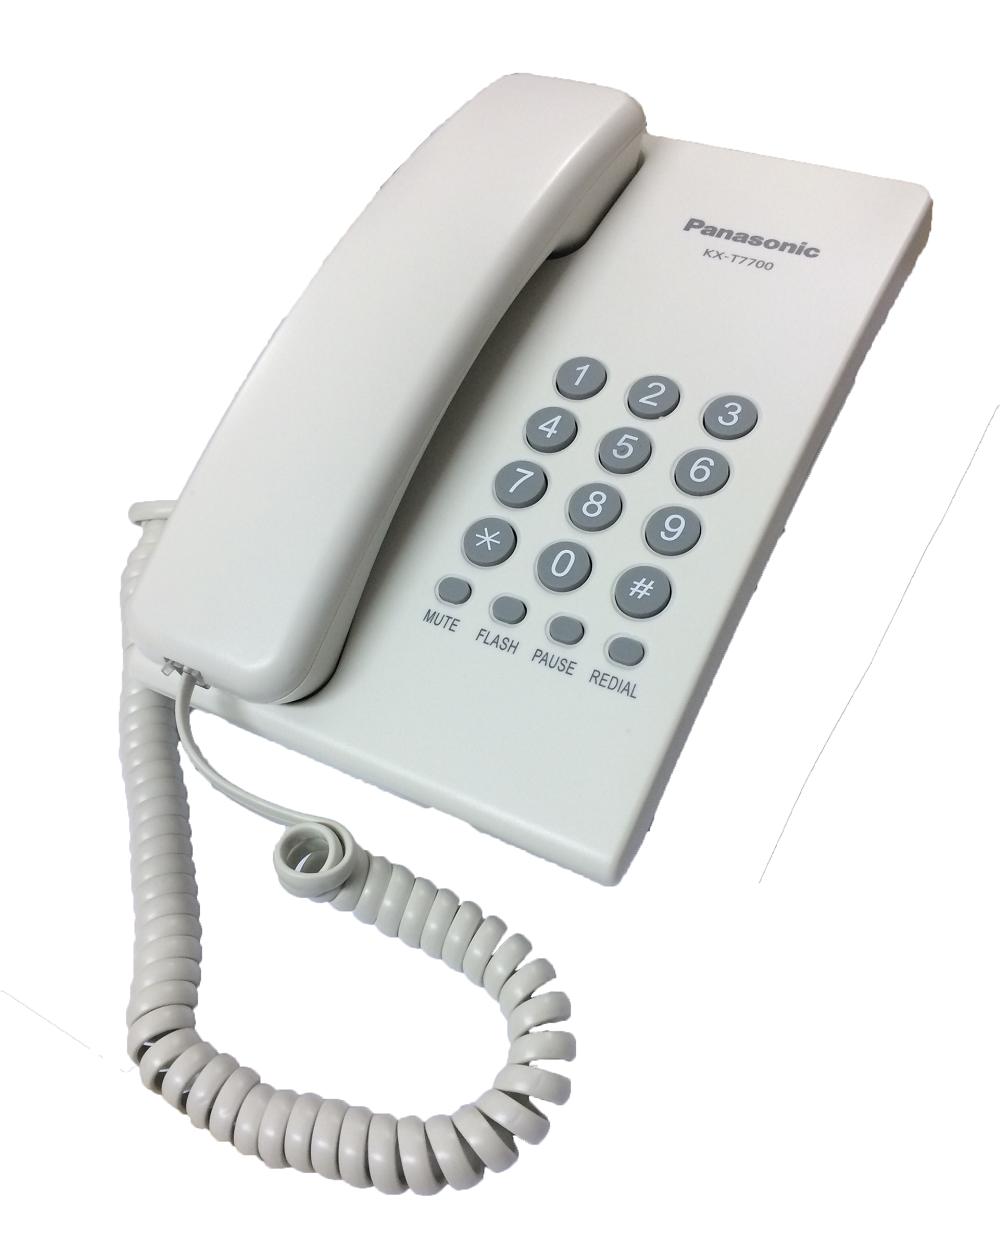 điện thoại bàn kx t7700